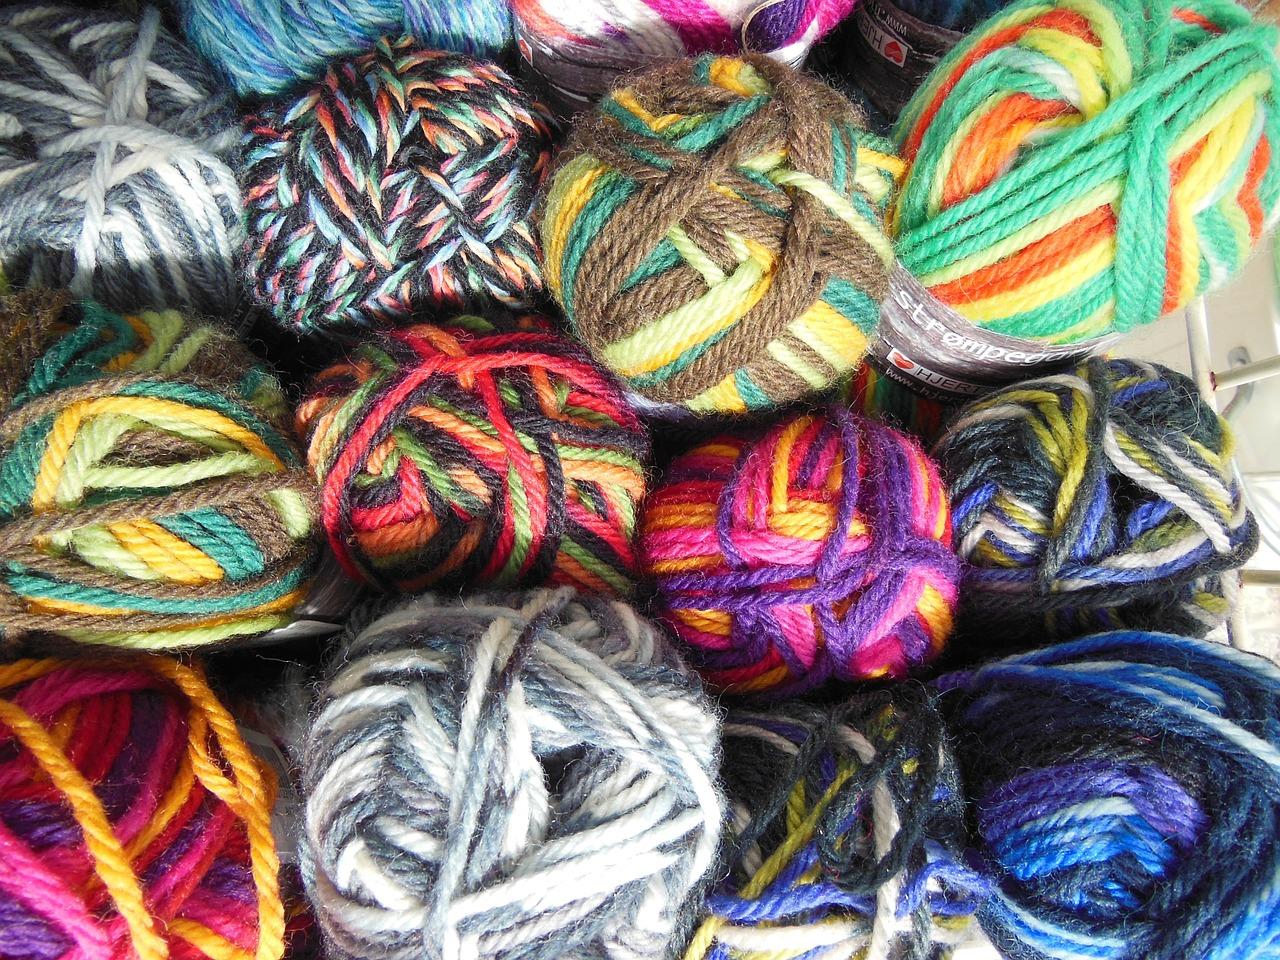 yarn-100947_1280.jpg